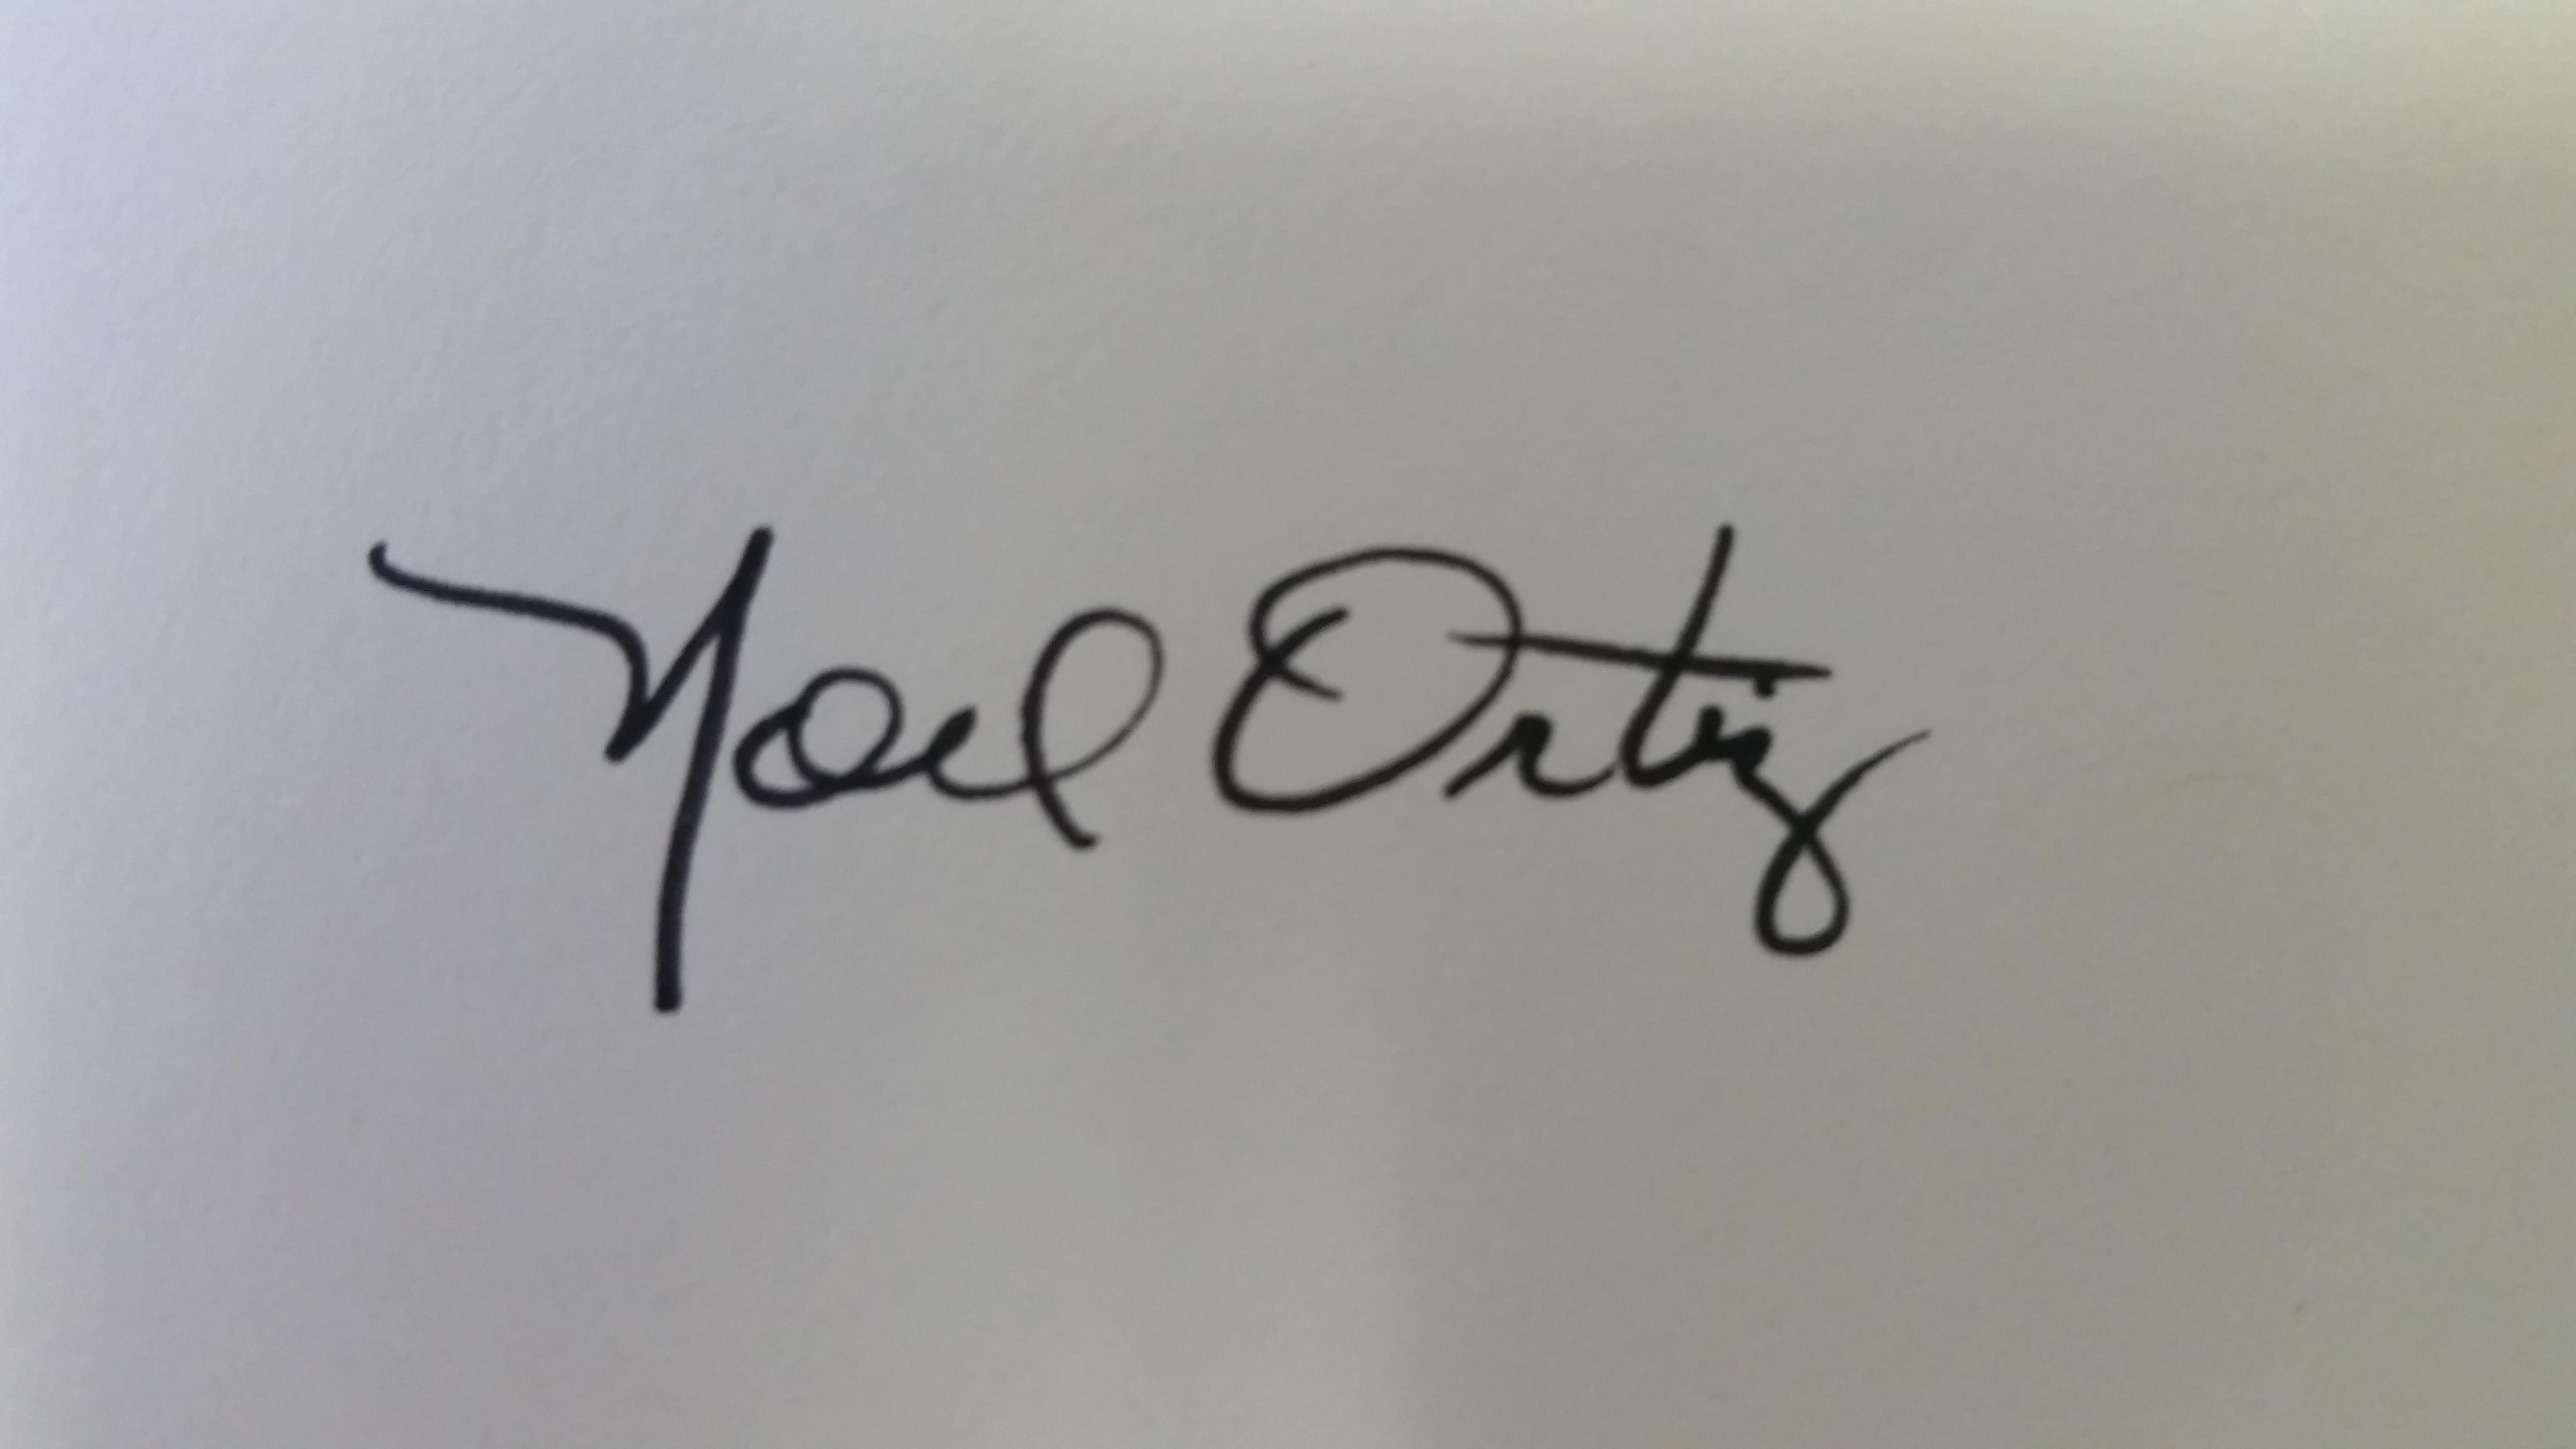 Noel Ortiz's Signature